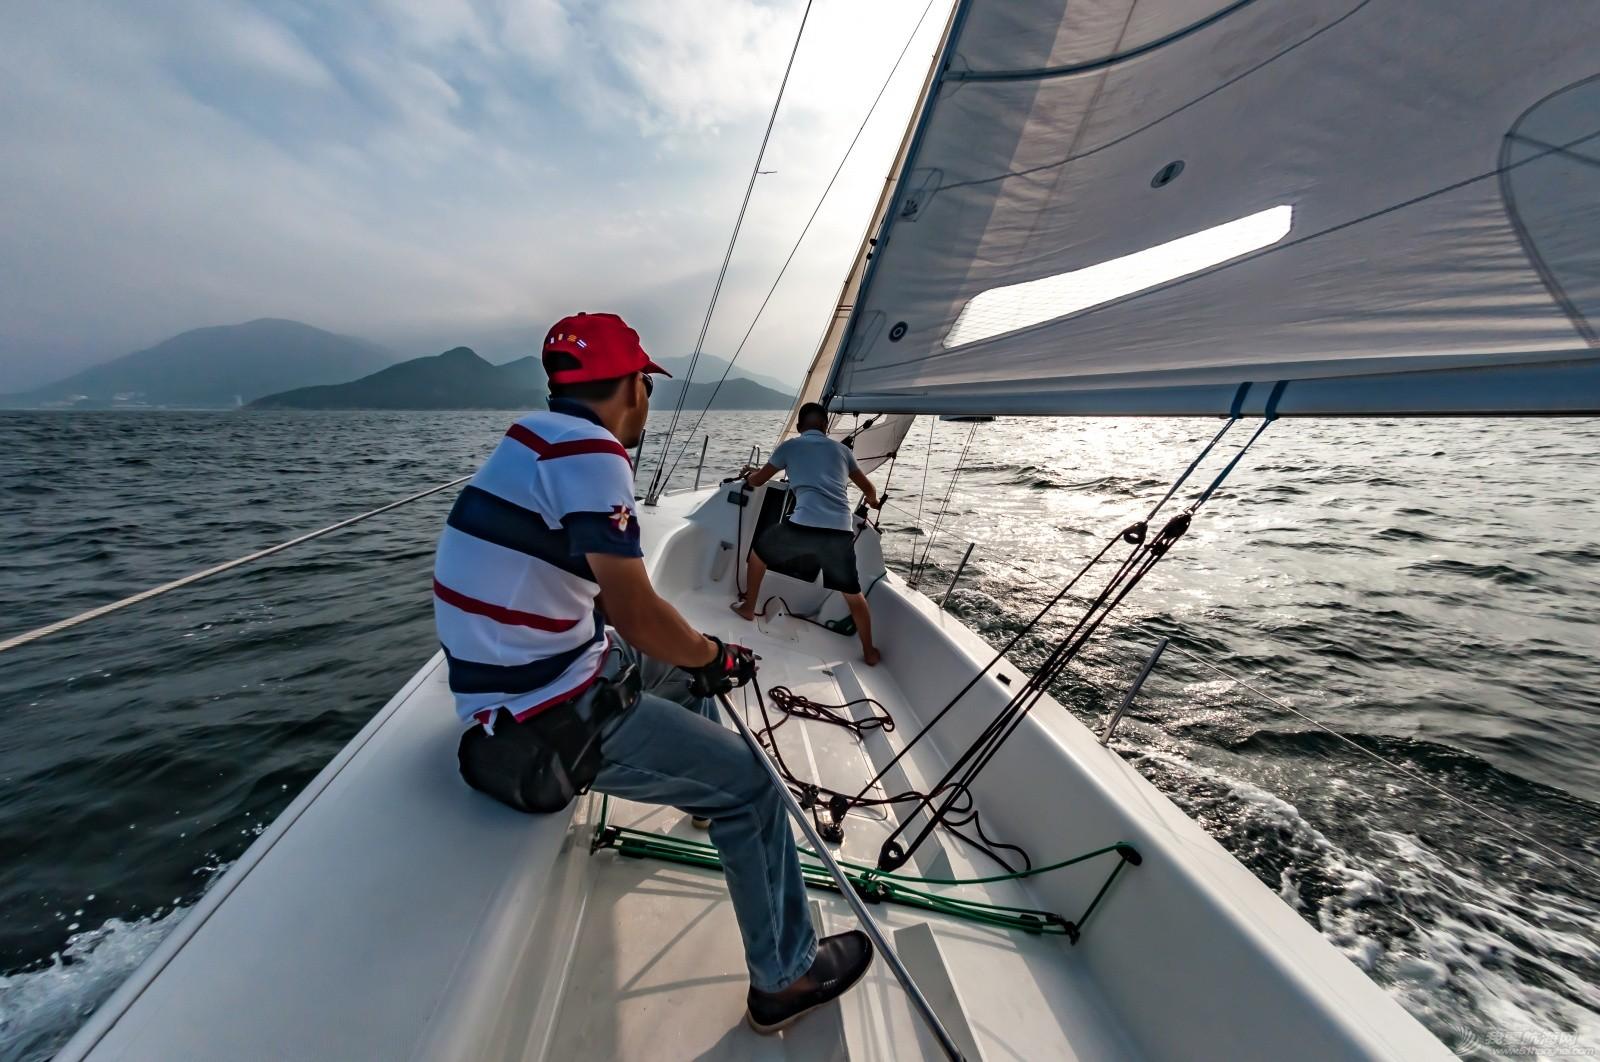 帆船 【2015大鹏杯帆船赛】鱼眼看航海 16010.jpg